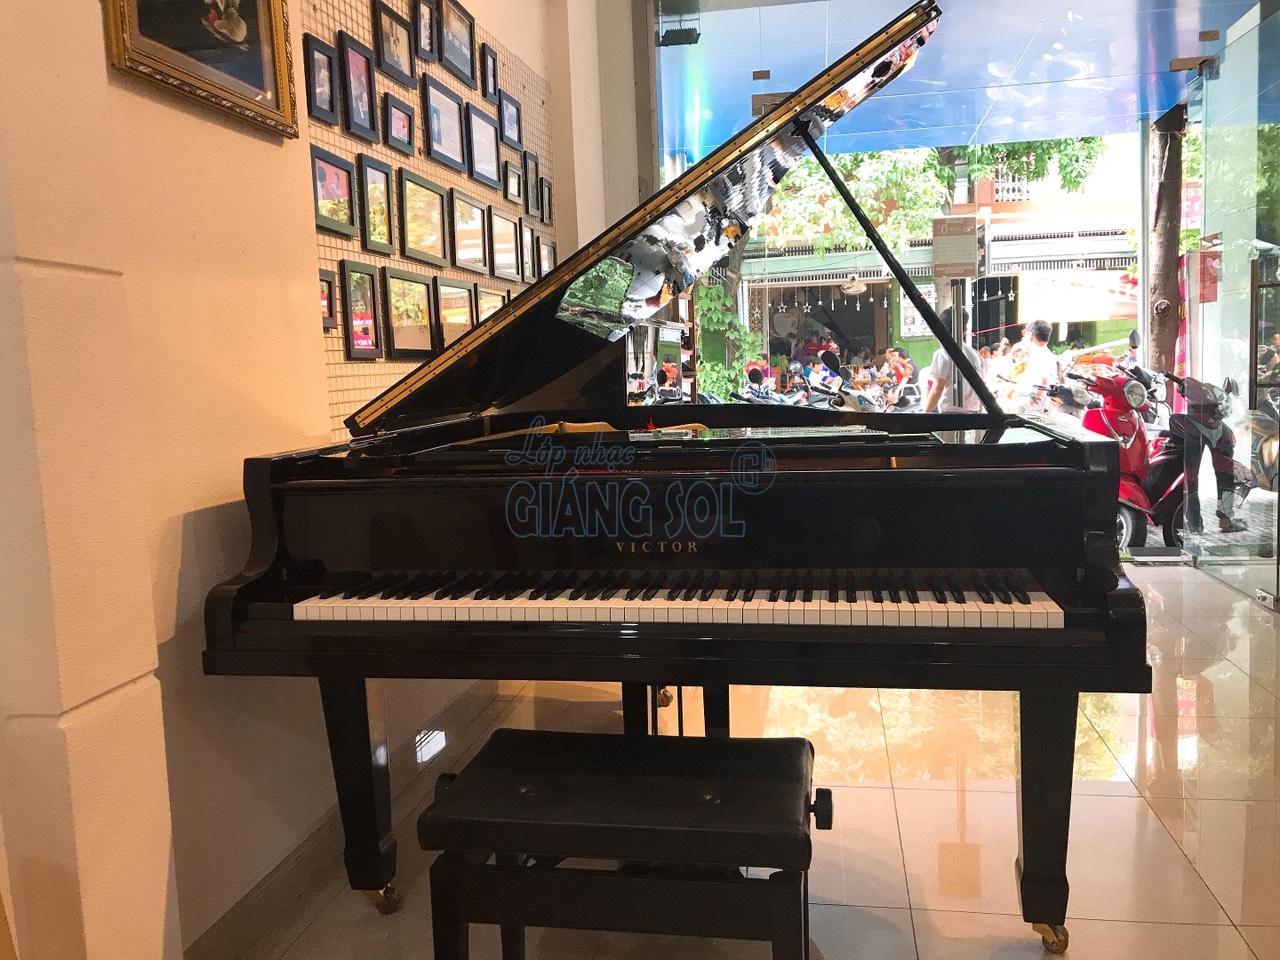 Bán Đàn Piano Grand Victor VG500 || Shop Nhạc Cụ Giáng Sol quận 12, Bán đàn piano cơ quận 12, bán đàn trả góp quận 12, Bán đàn guitar quận 12, cửa hàng nhạc cụ quận 12, địa chỉ bán đàn chất lượng quận 12, shop đàn quận 12, piano trả góp, bán guitar acous